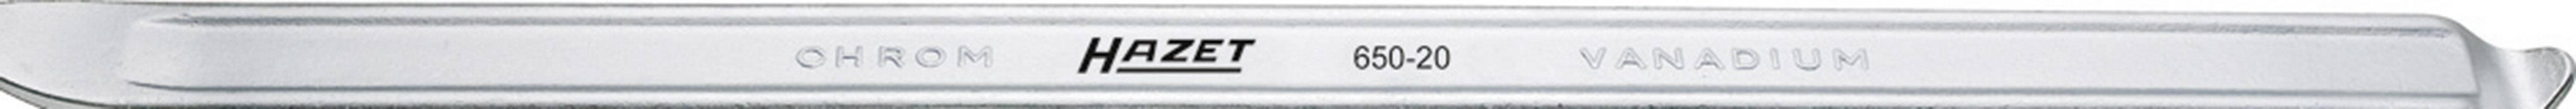 669 18 30 JIANGMEN JIANGSU JINLUN KARCHER KEILRIEMEN ANTRIEBSRIEMEN VERSTÄRKT